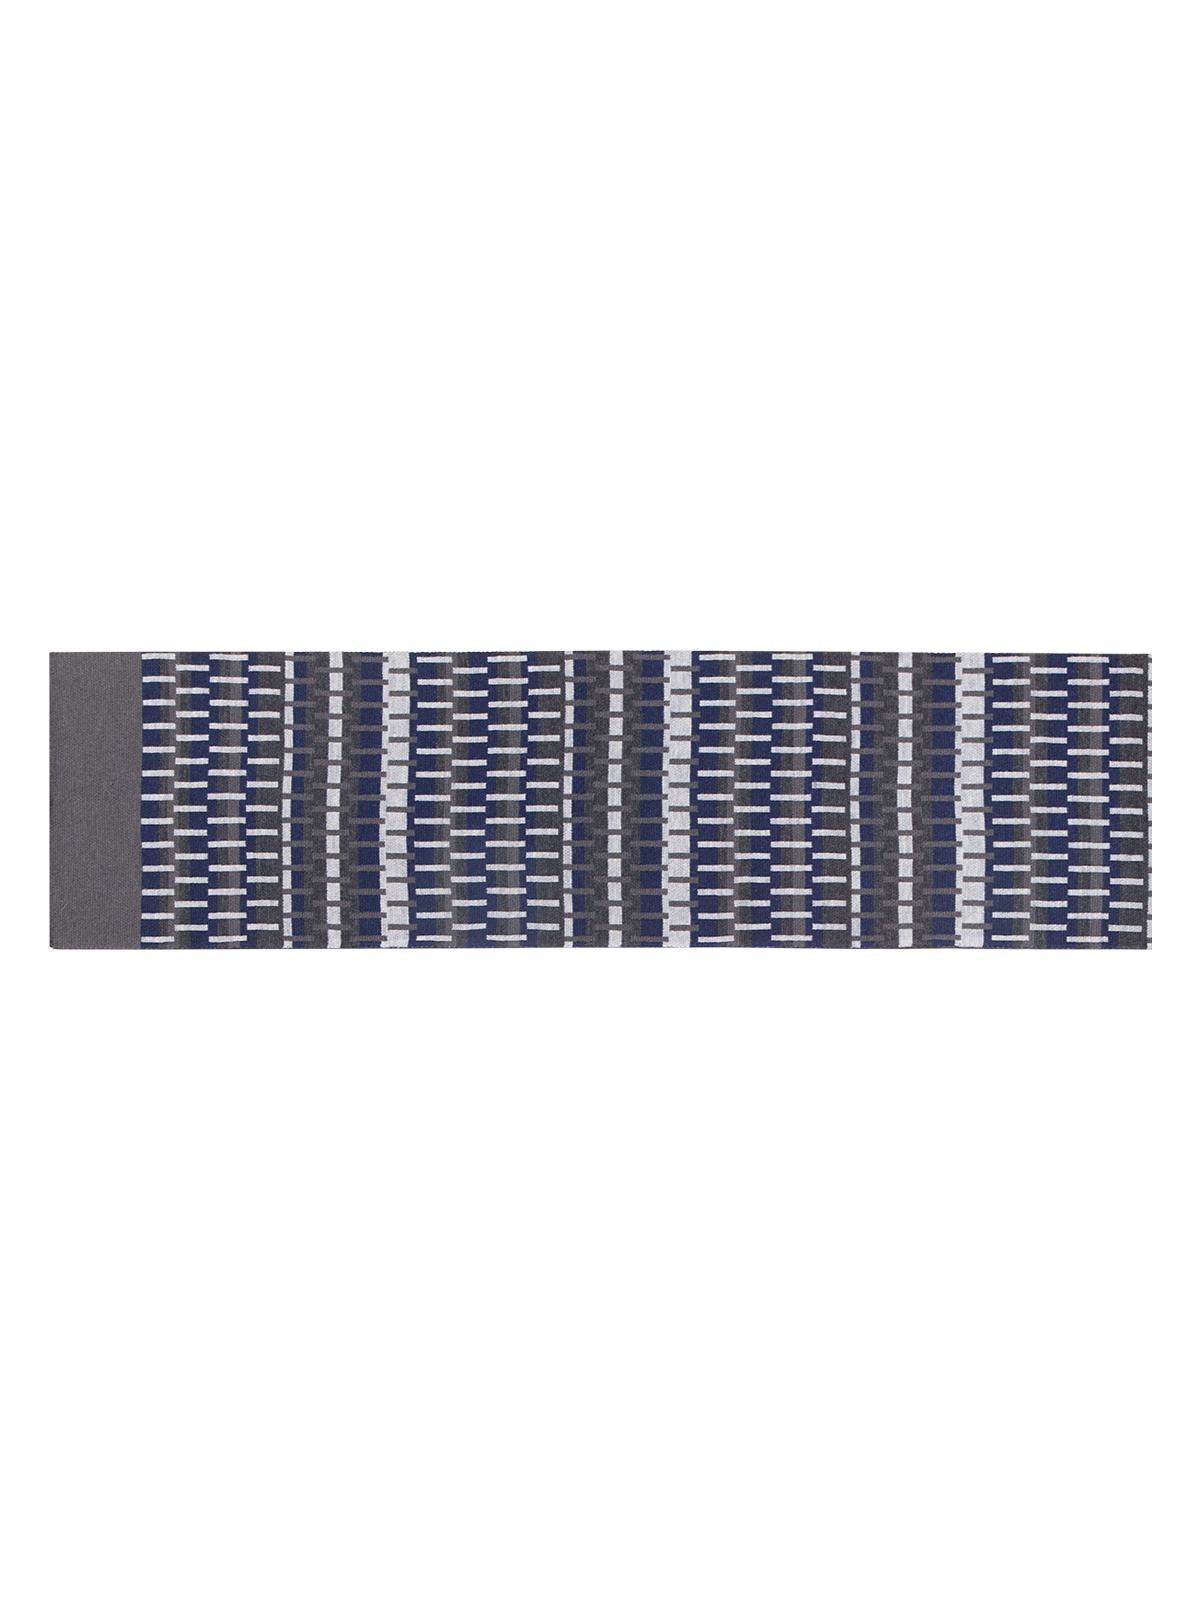 JG43-7614Элегантный мужской шарф Eleganzza согреет вас в холодное время года, а также станет изысканным аксессуаром, который призван подчеркнуть ваш стиль и индивидуальность. Оригинальный и стильный шарф выполнен из сочетания высококачественных материалов шерсти и шелка, оформлен контрастным принтом.